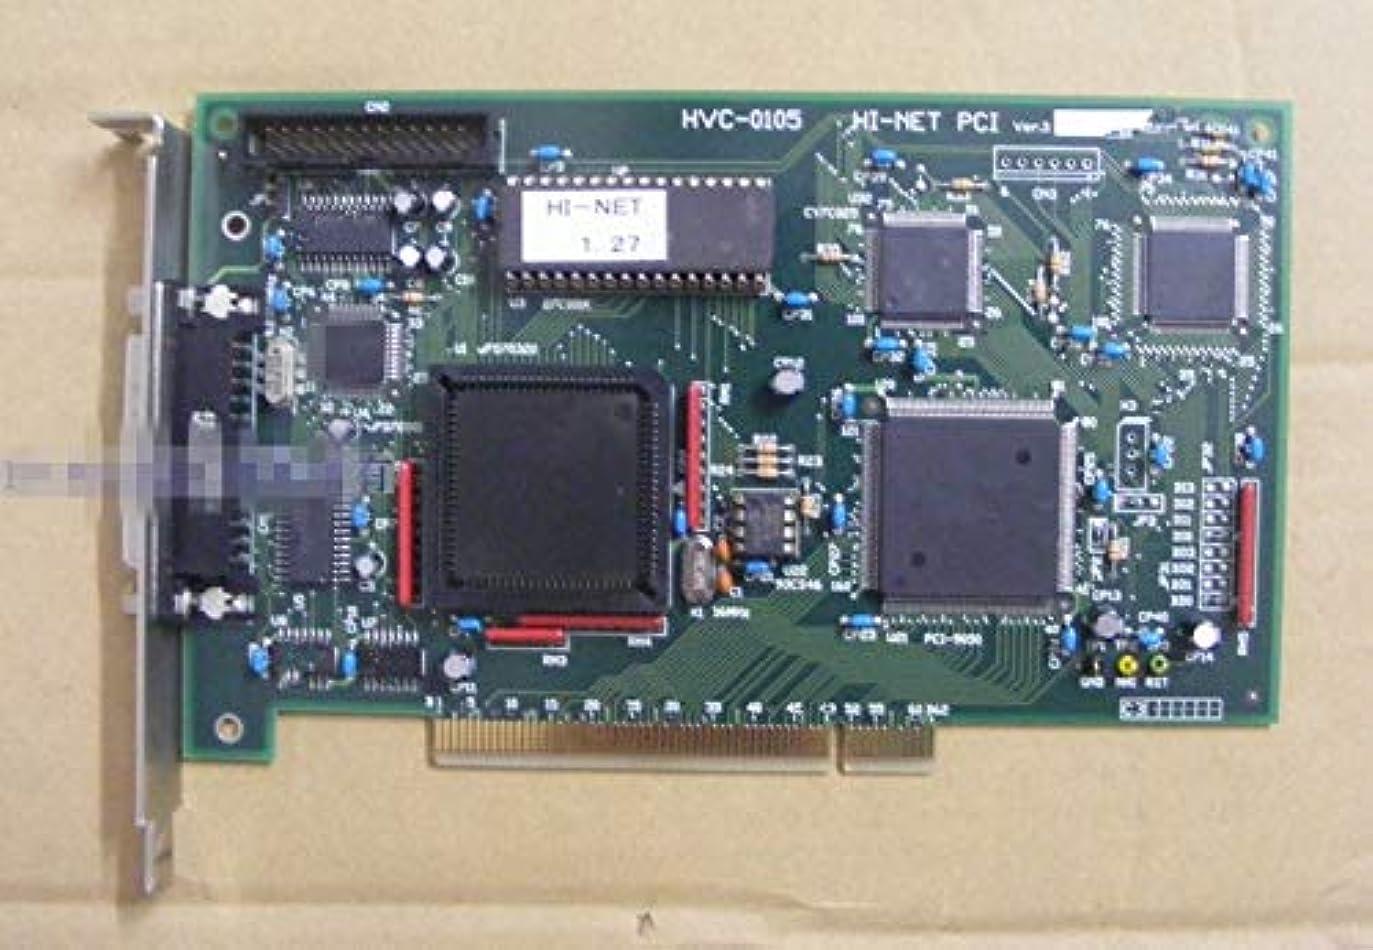 パッケージ立ち向かう監査HVC-0105 HI-NET PCI VER.3